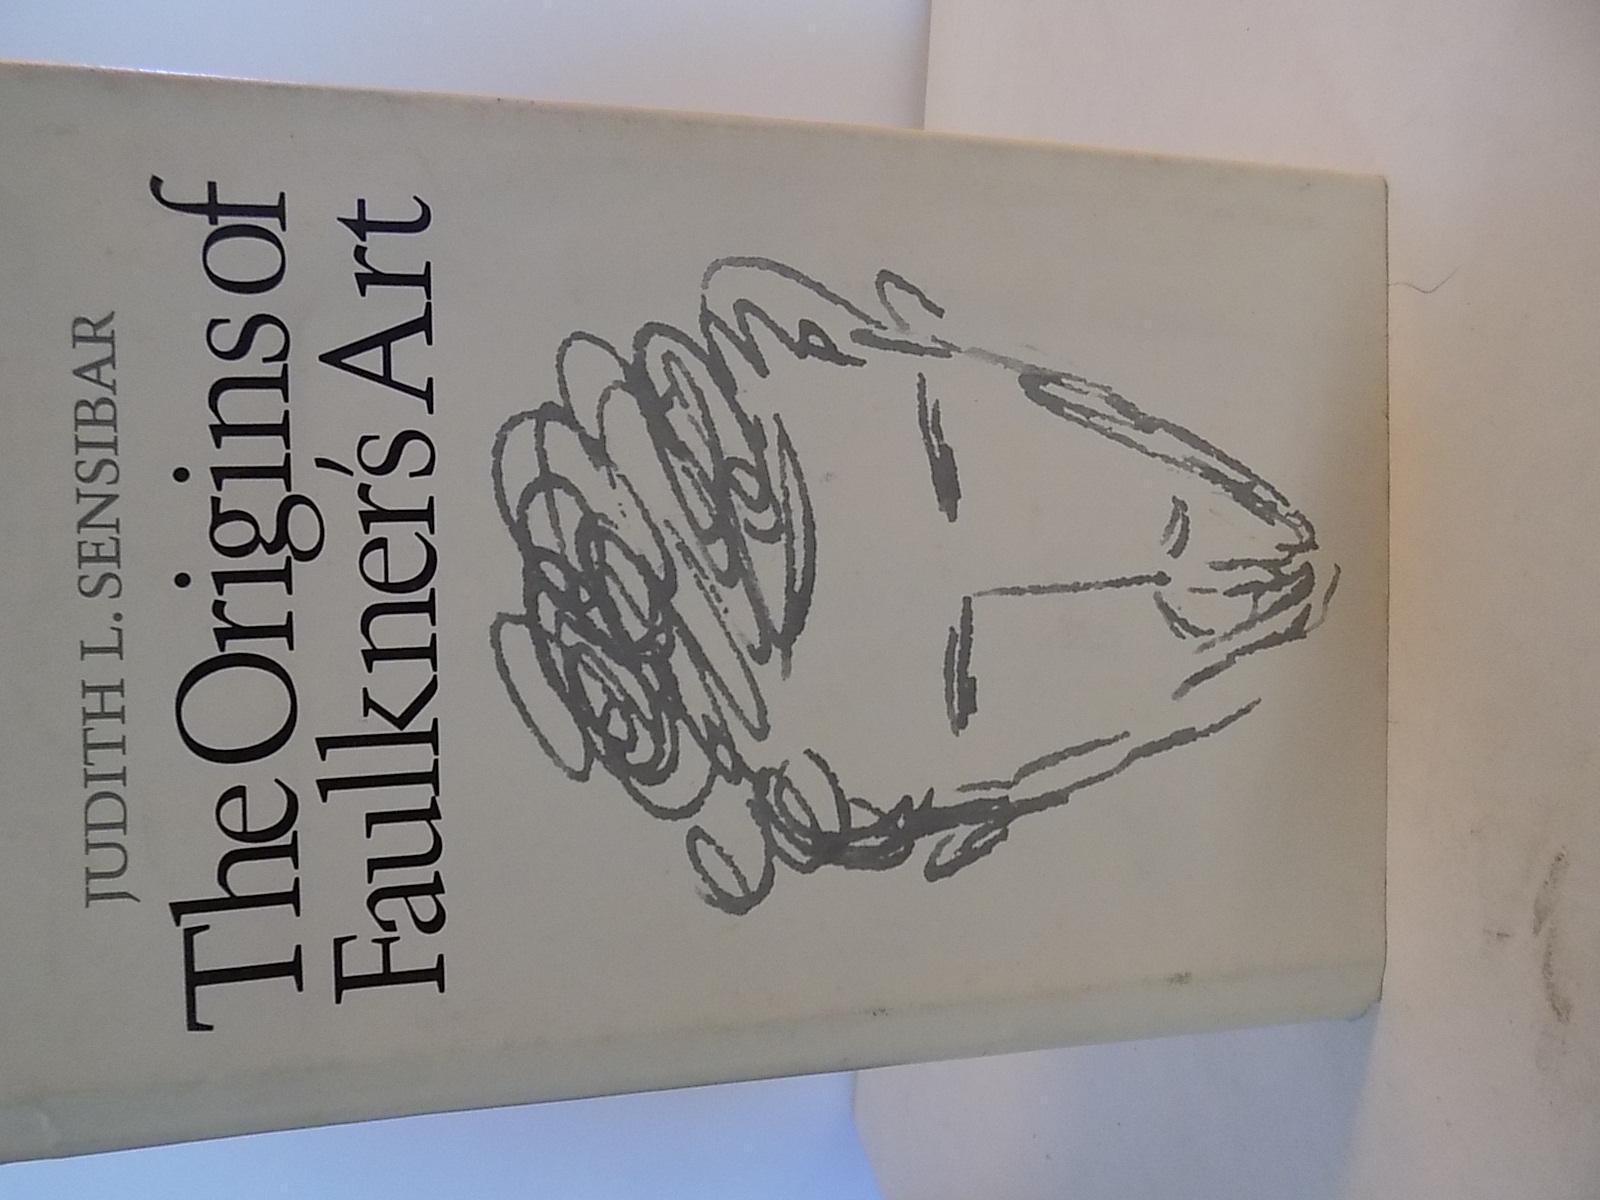 The Origins of Faulkner's Art